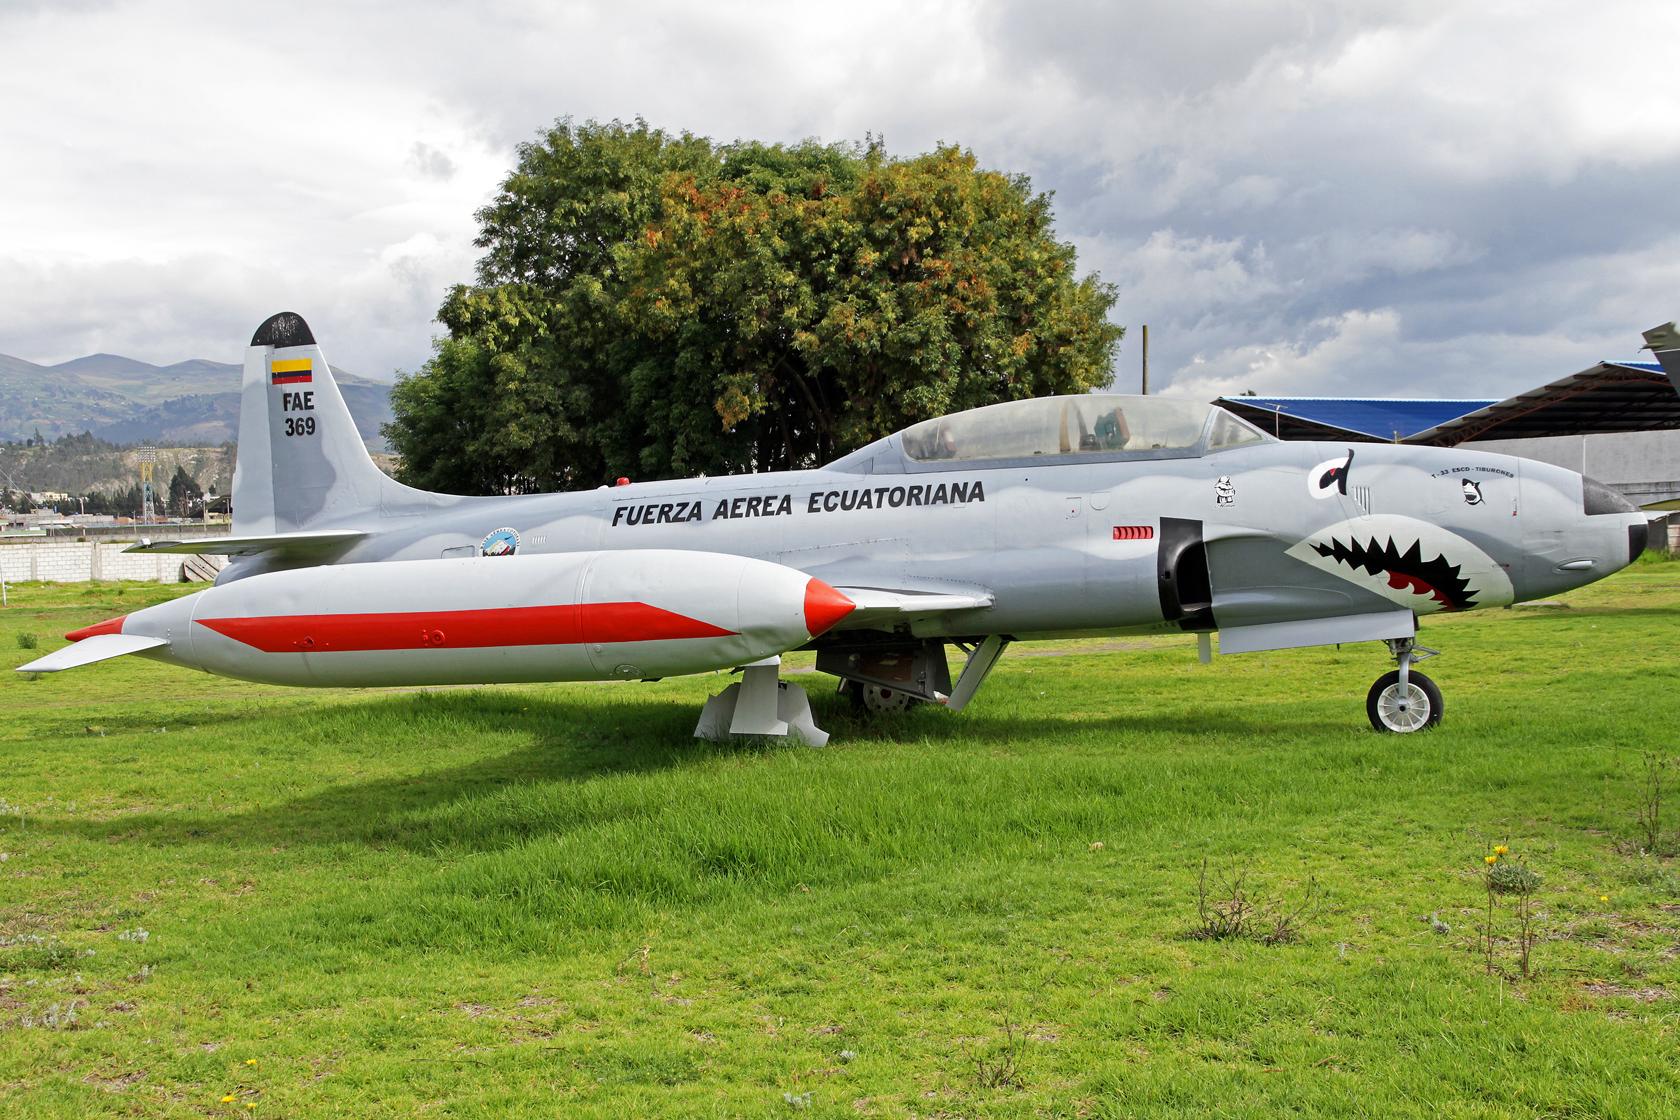 Fuerza Aérea Ecuatoriana Lockheed T-33A Shooting Star FAE-639 - Auch hier ist beim Auftragen der Registrierung ein kleiner Fehler unterlaufen...